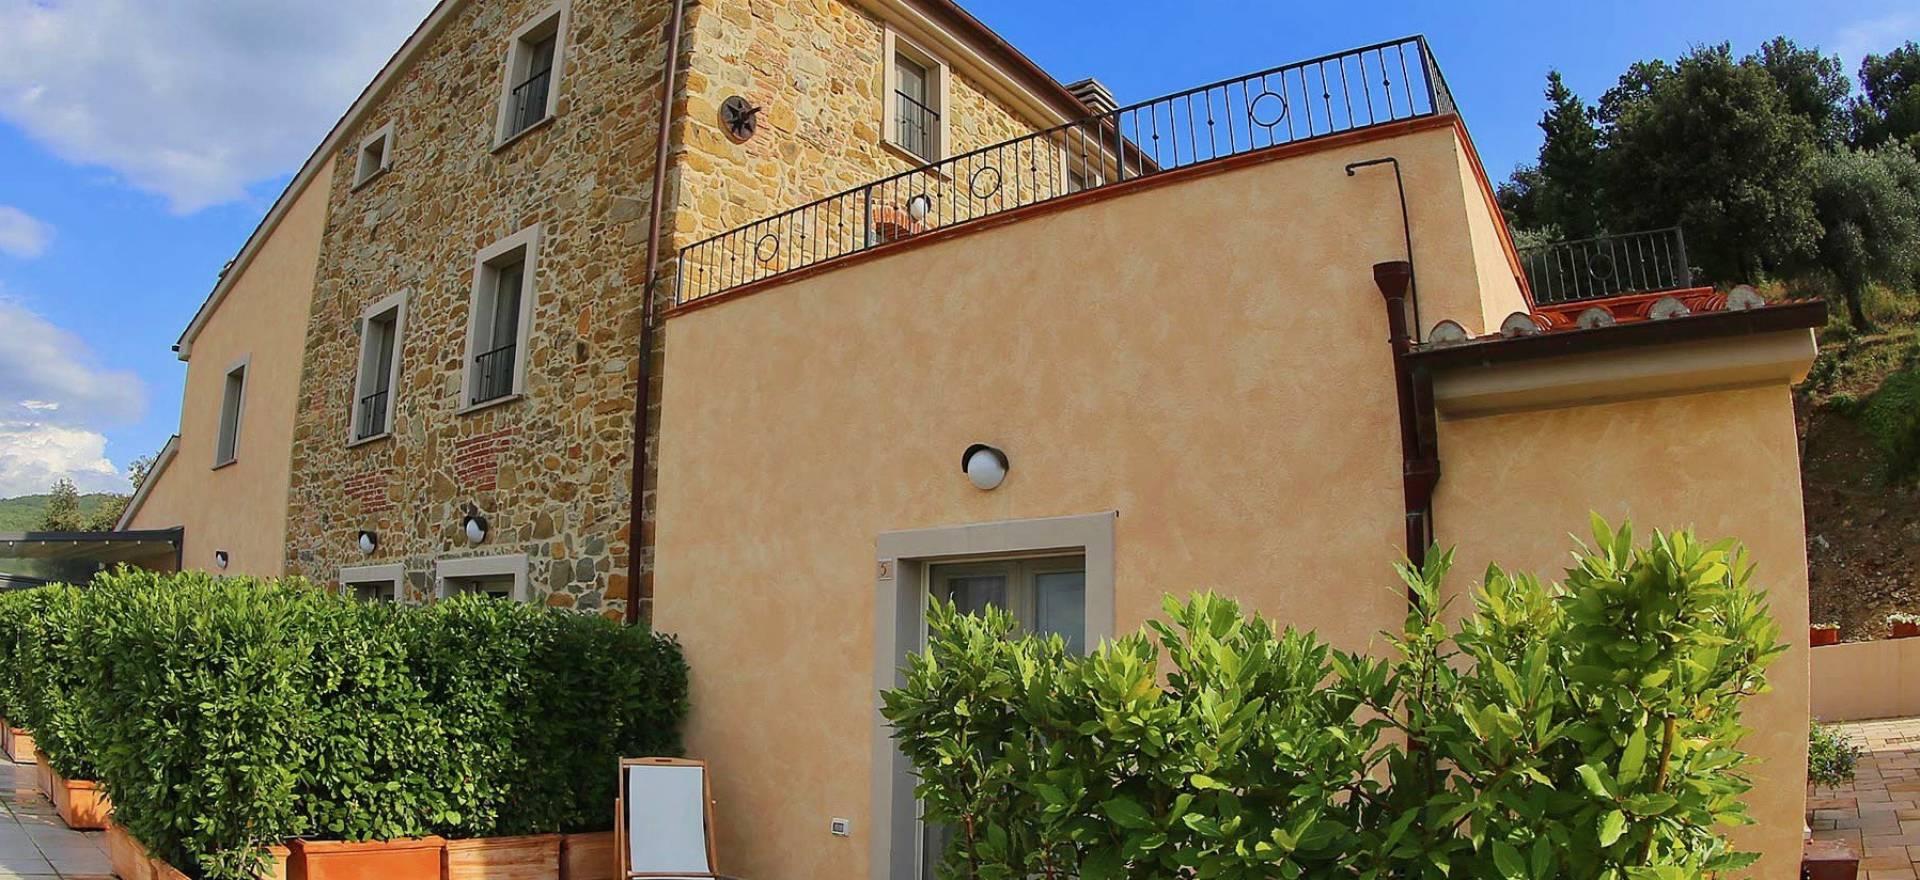 Agriturismo Toscane Agriturismo Toscane, luxe kamers en nabij het strand